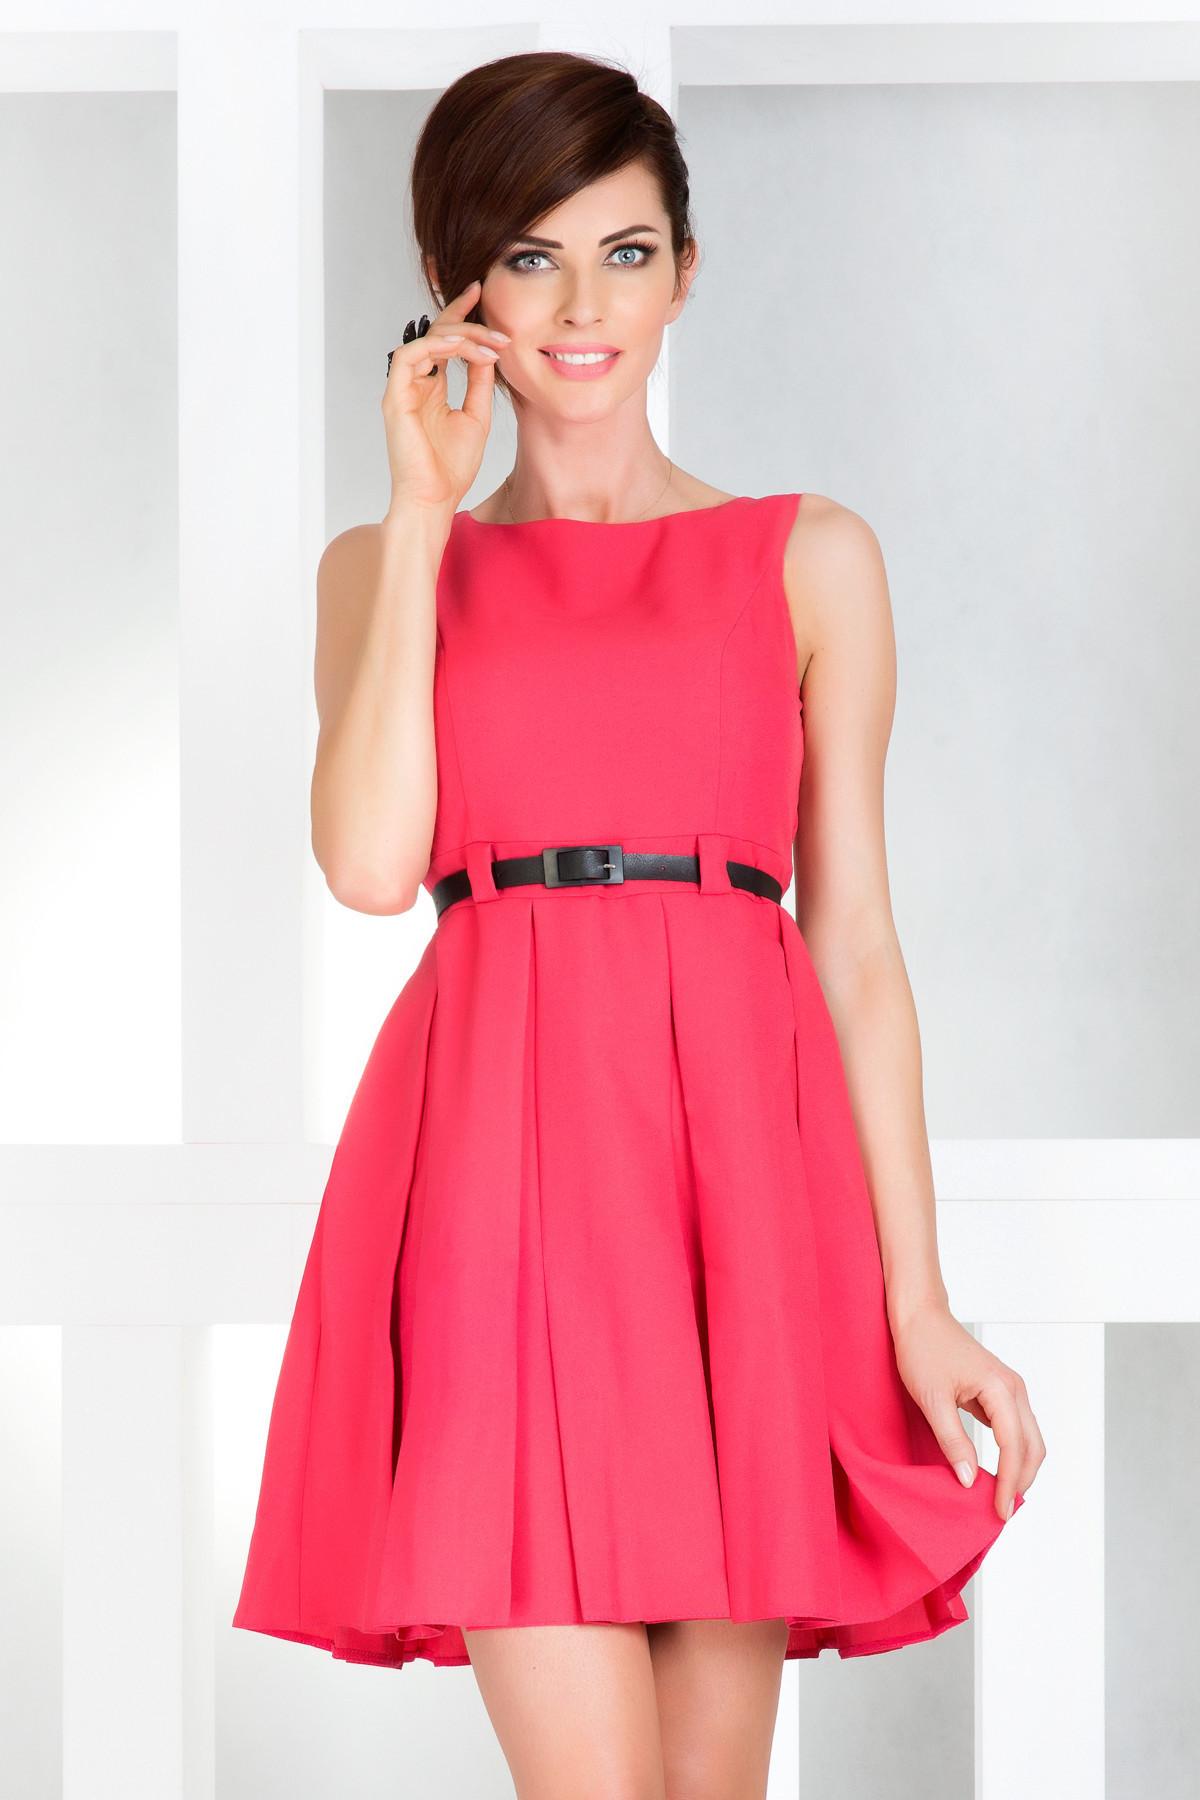 Dámske spoločenské šaty NUMOCO s opaskom stredne dlhé ružové - Ružová / XL - Numoco ružová XL